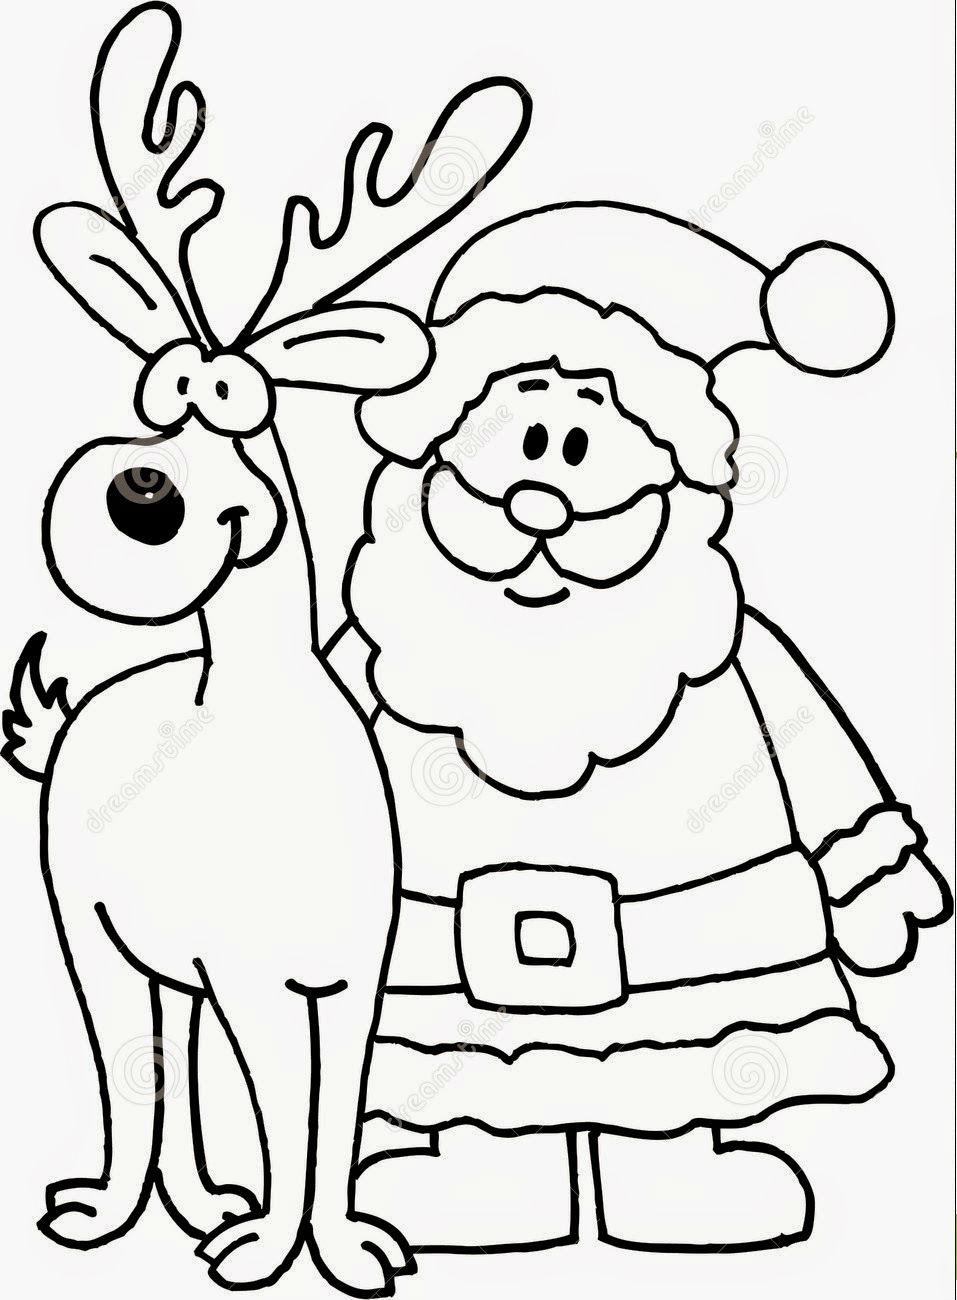 Desenho De Um Papai Noel Para Colorir Melhores Casas De Todas As